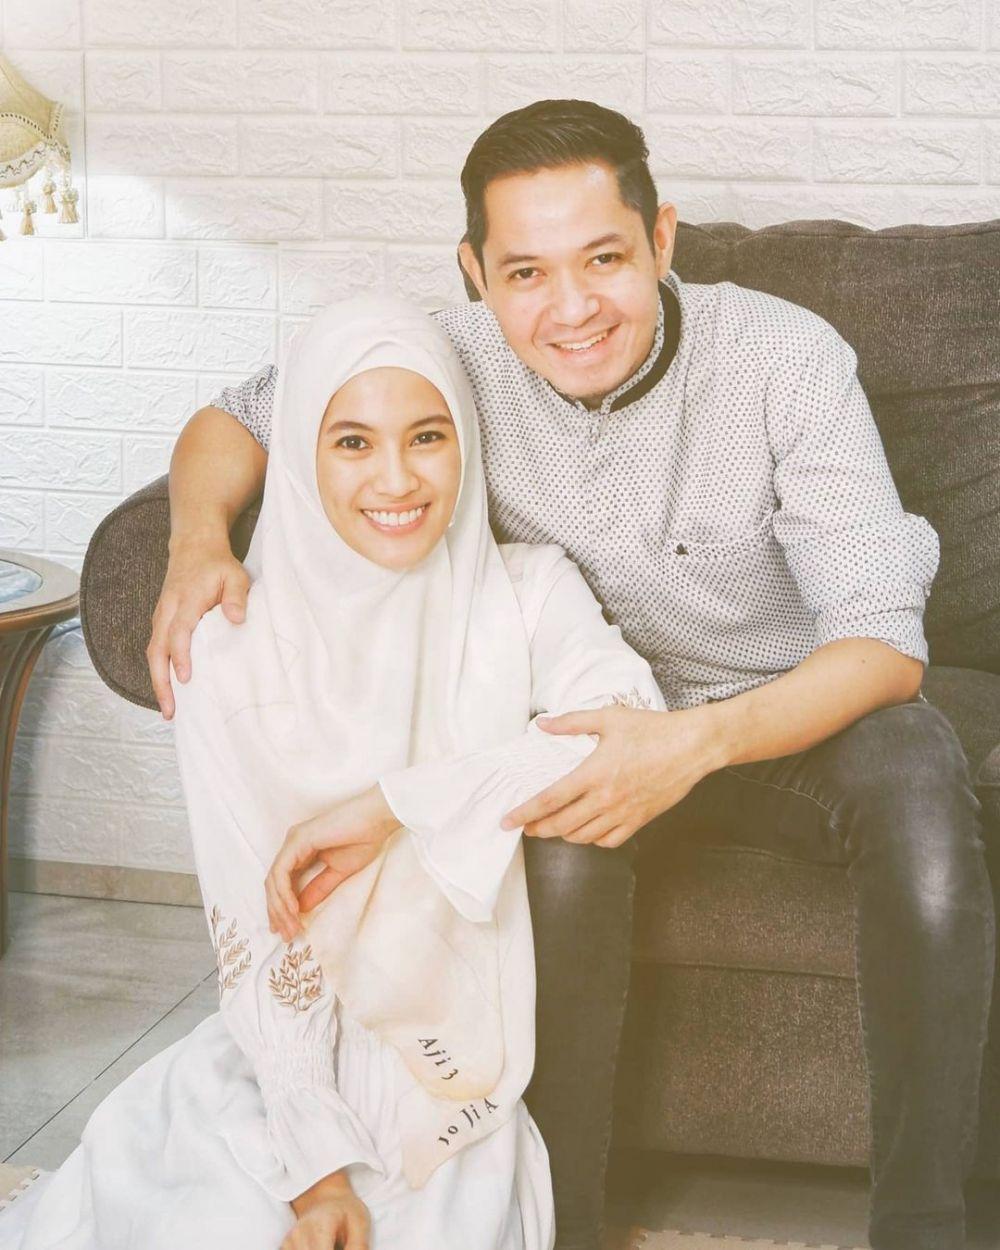 Seleb dapat gelar Minang setelah menikah Instagram